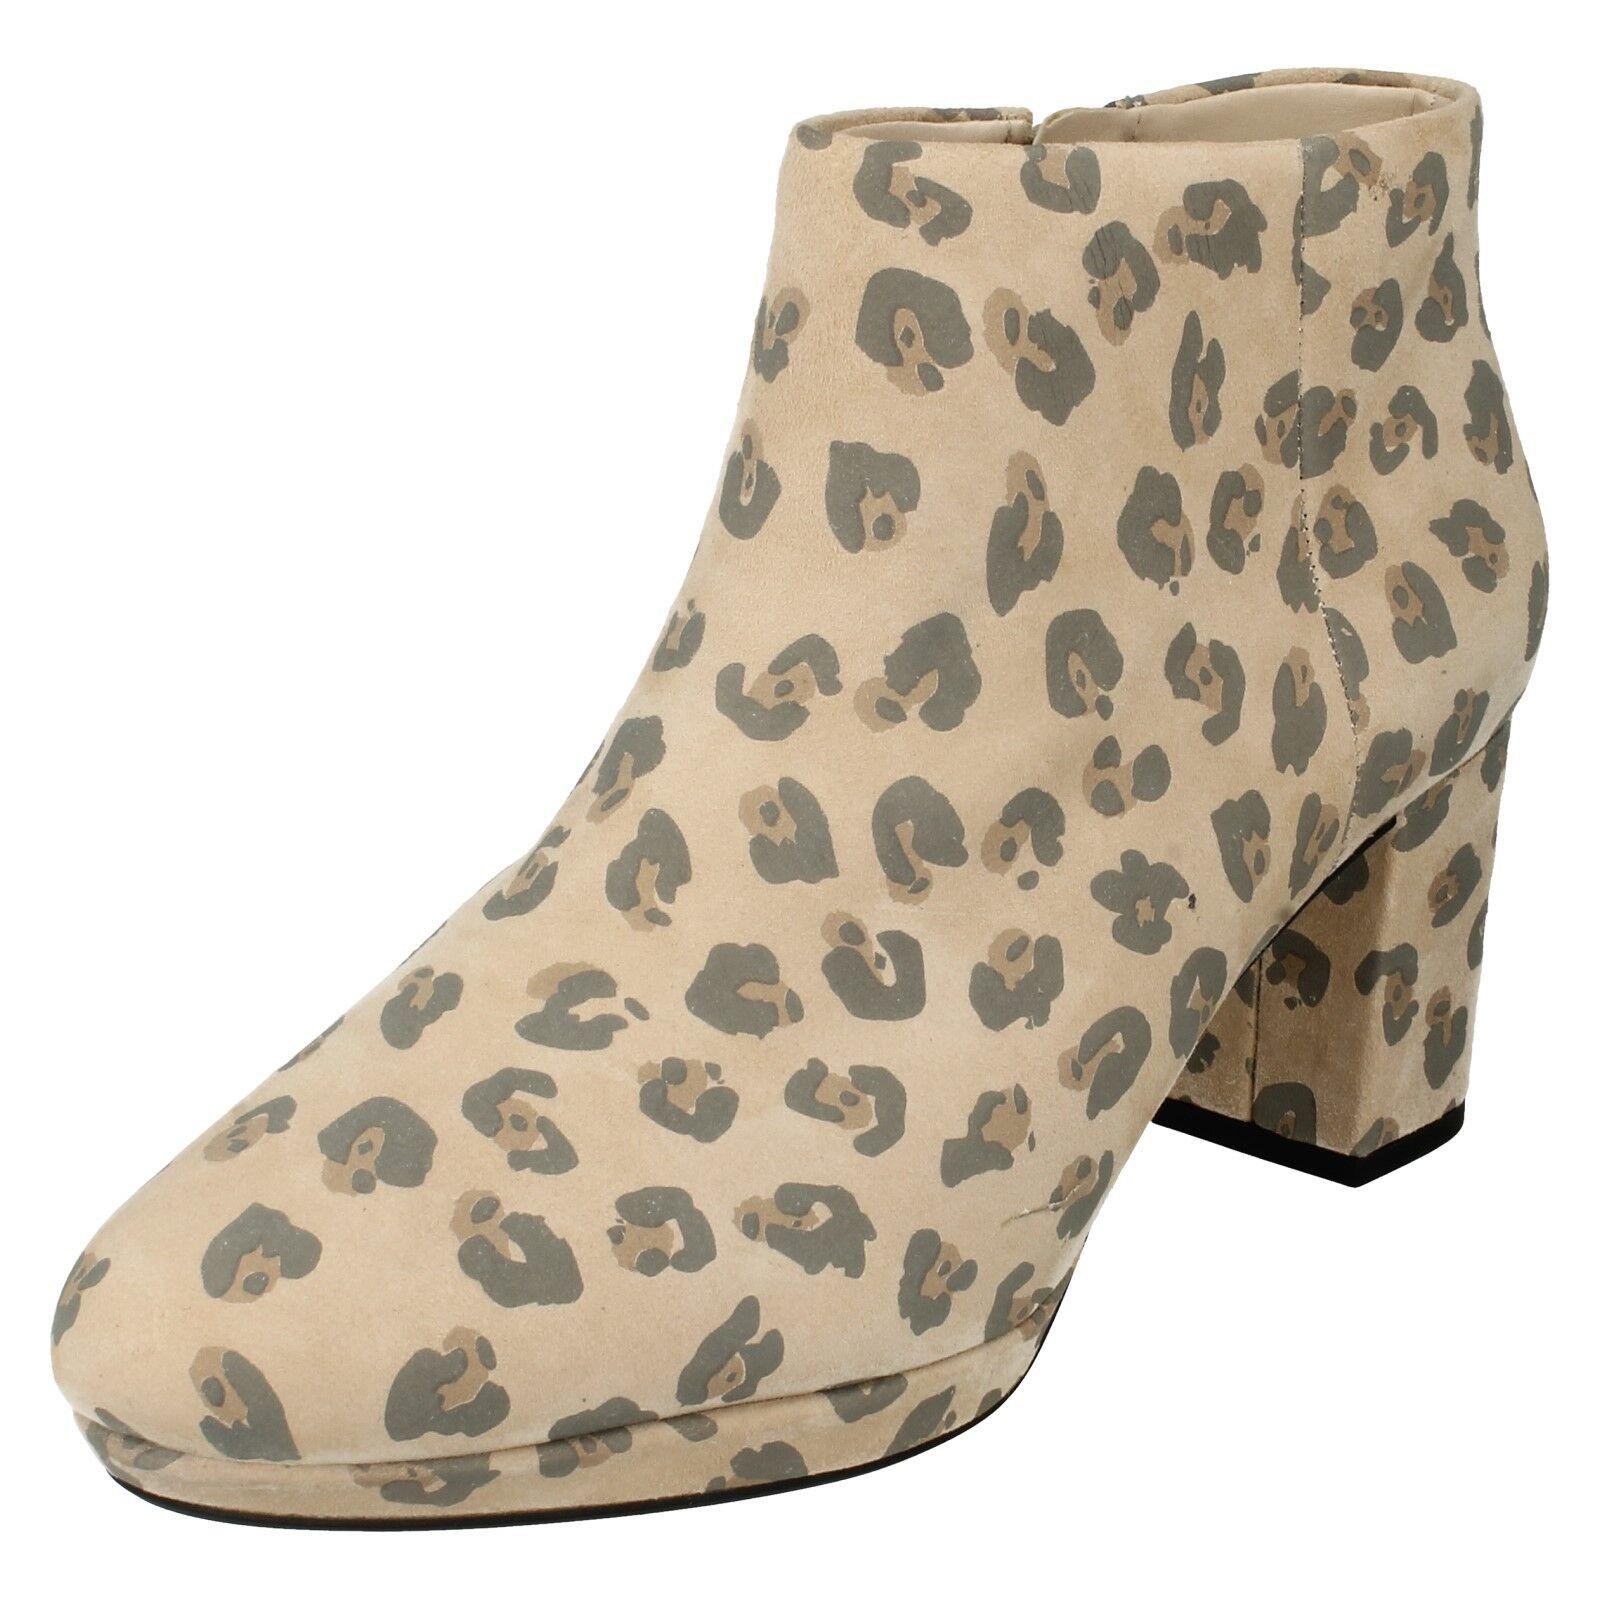 Clarks Mujer Cuero Tacón en Bloque Estampado Leopardo Botines plataforma Kelda